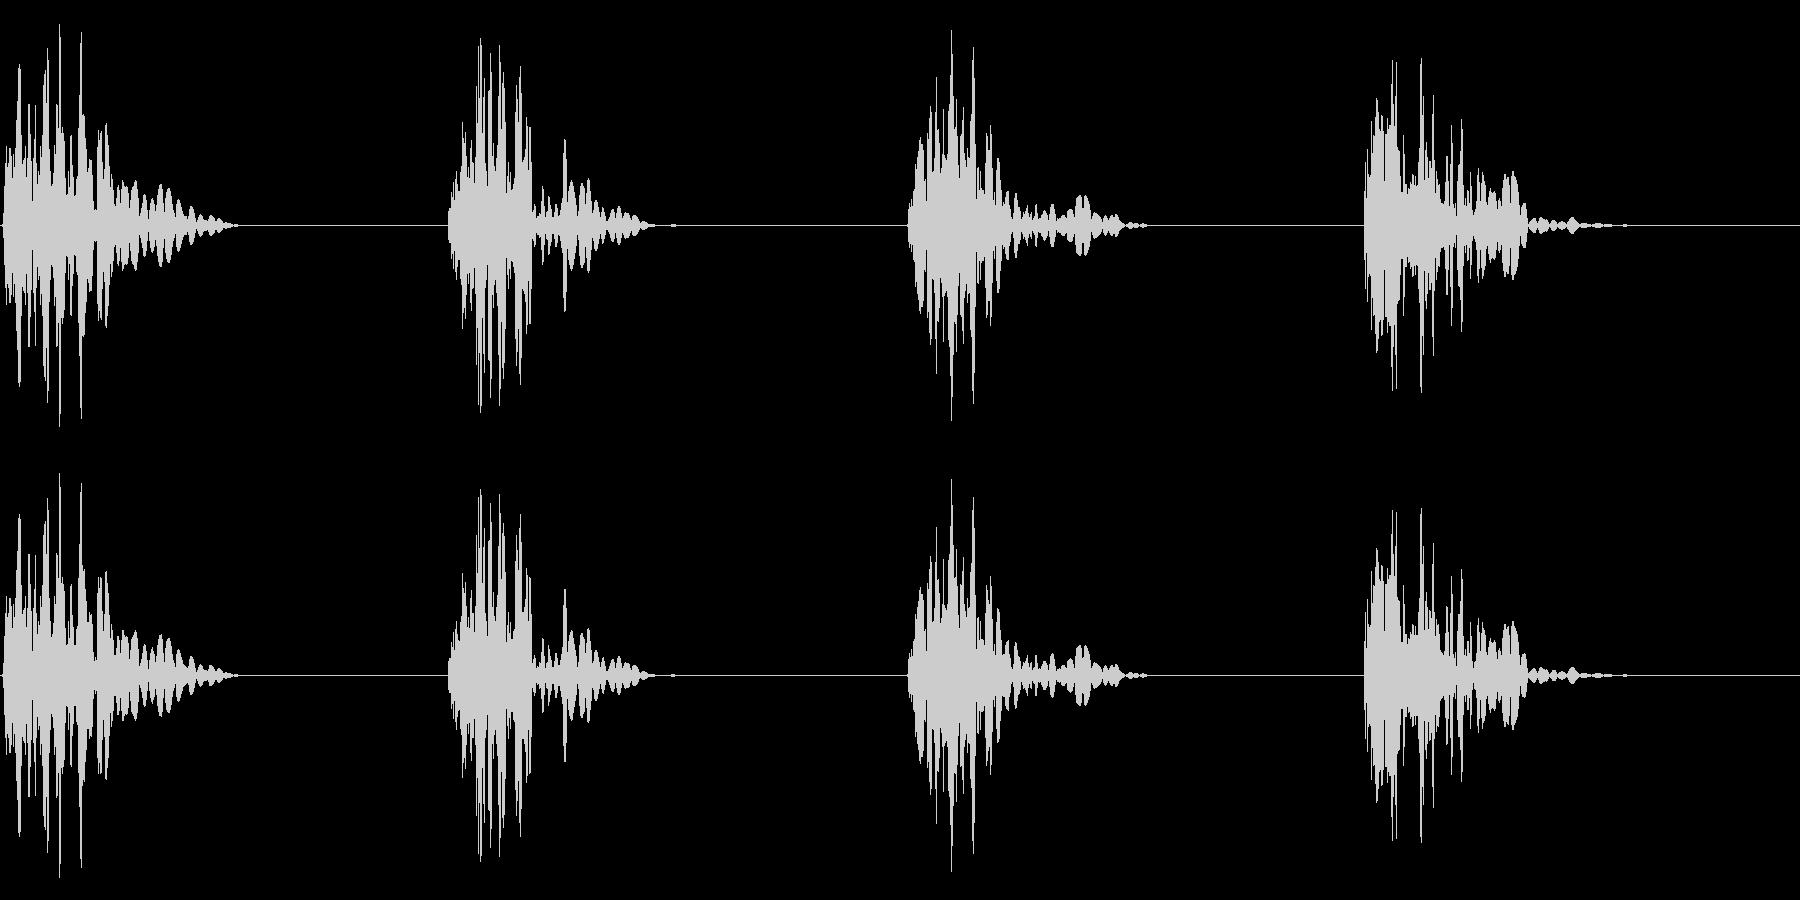 ドスッドスッ 重めの足音の未再生の波形